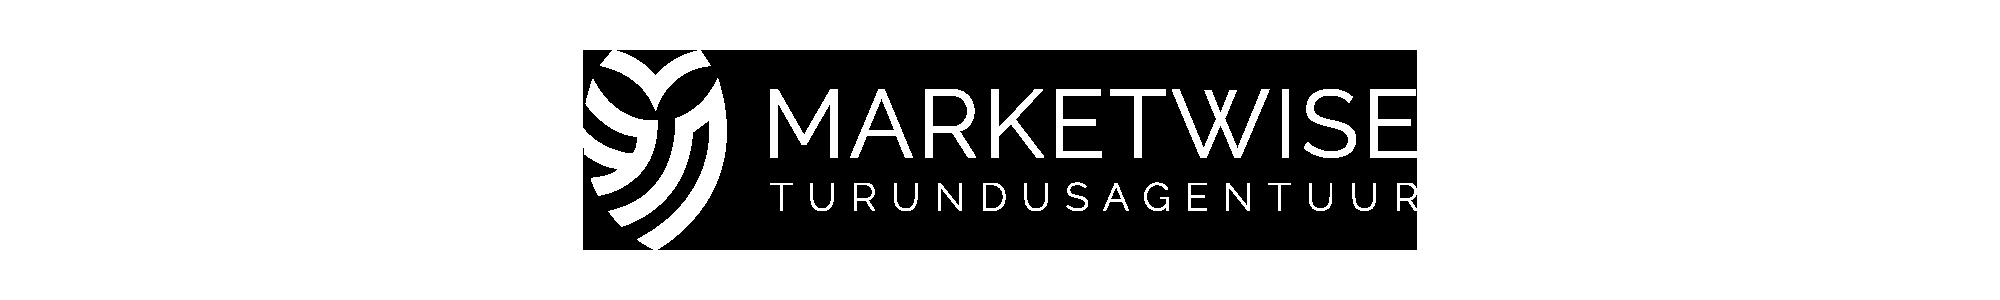 Marketwise turundusagentuur